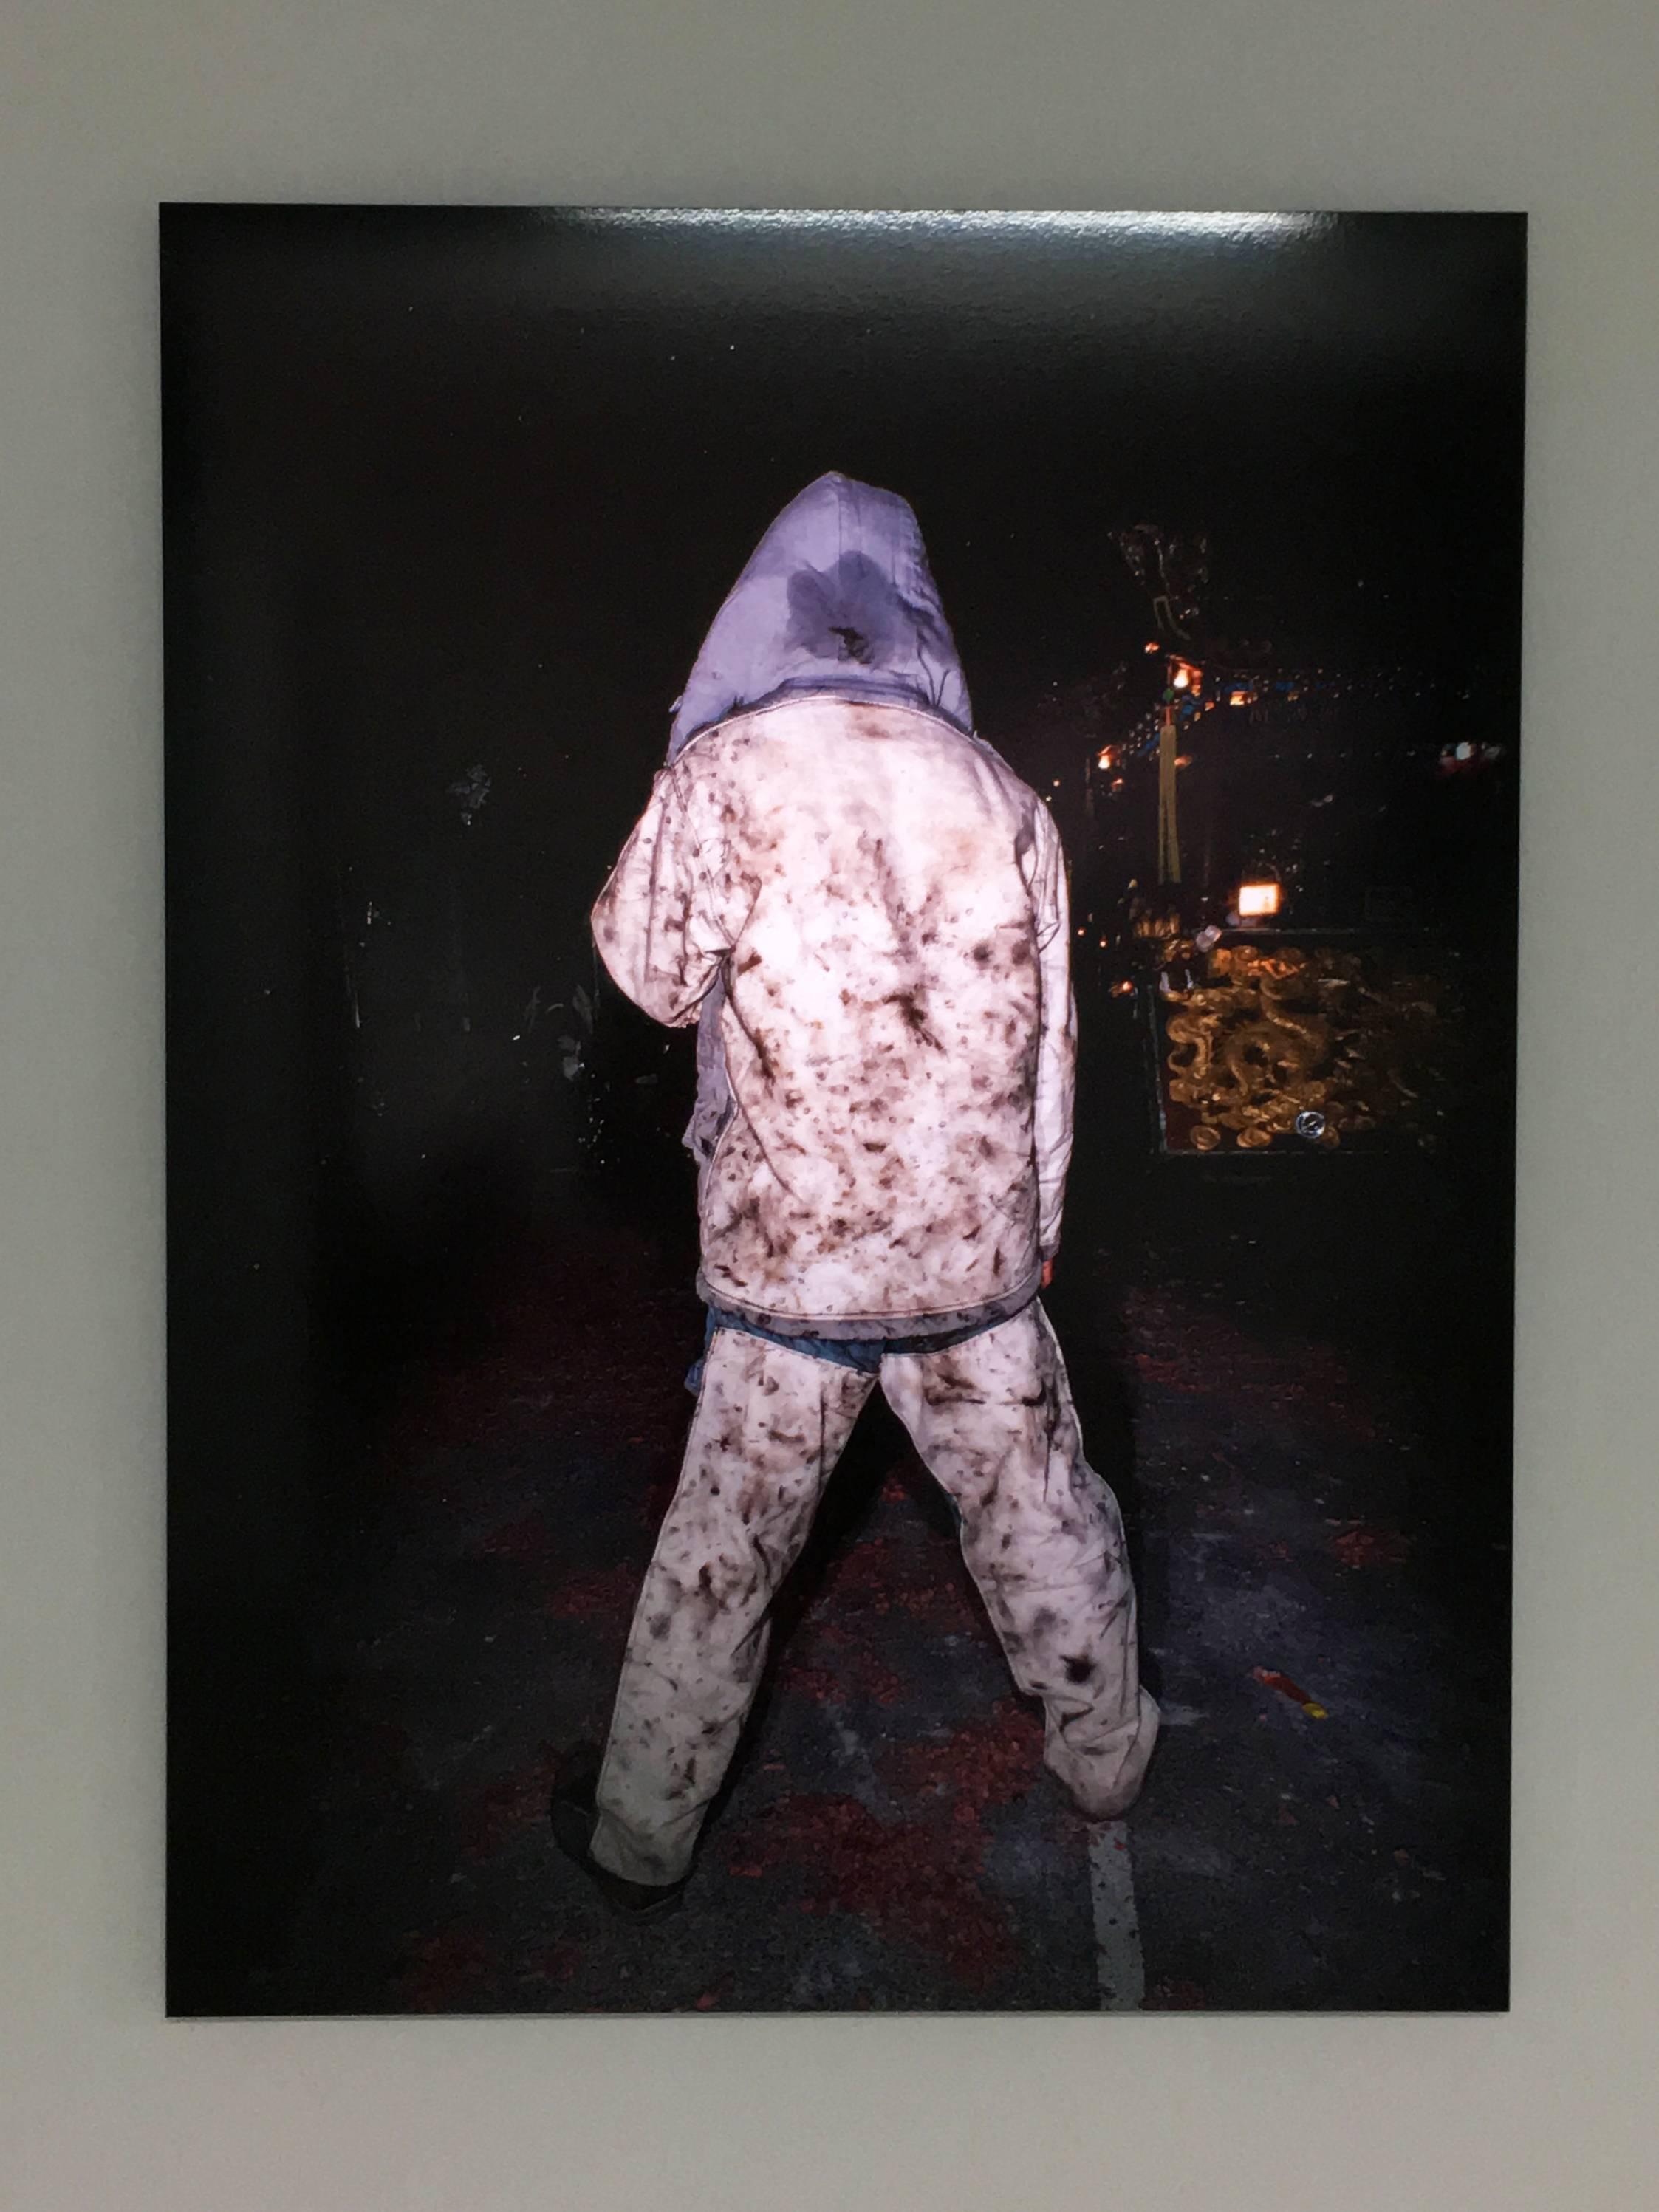 陳伯義,《食砲人 - V》,75 x 100 cm,雷射輸出彩色銀鹽相紙,1/8,2014。